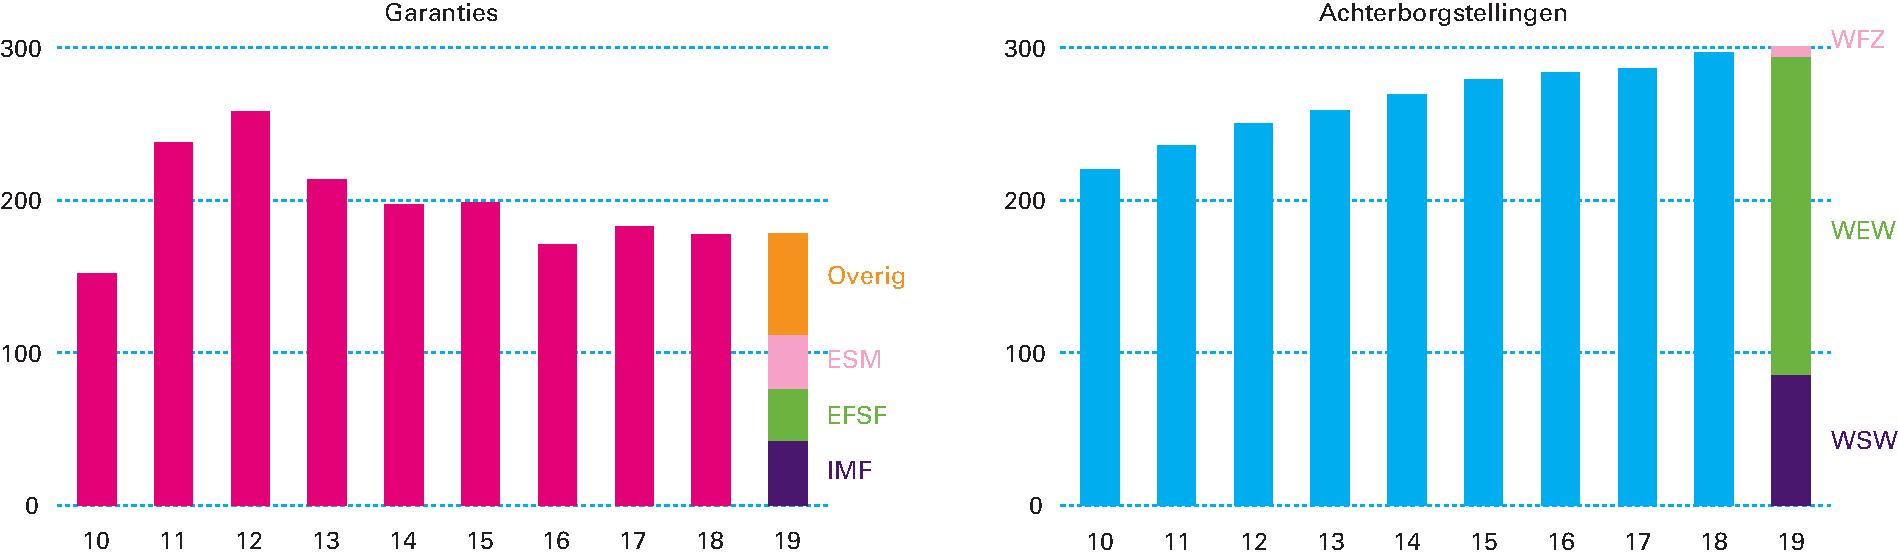 1b56febe167d27 Figuur 1.4.4 Totaalbedrag aan garanties en achterborgstellingen per jaar  (in miljarden euro)